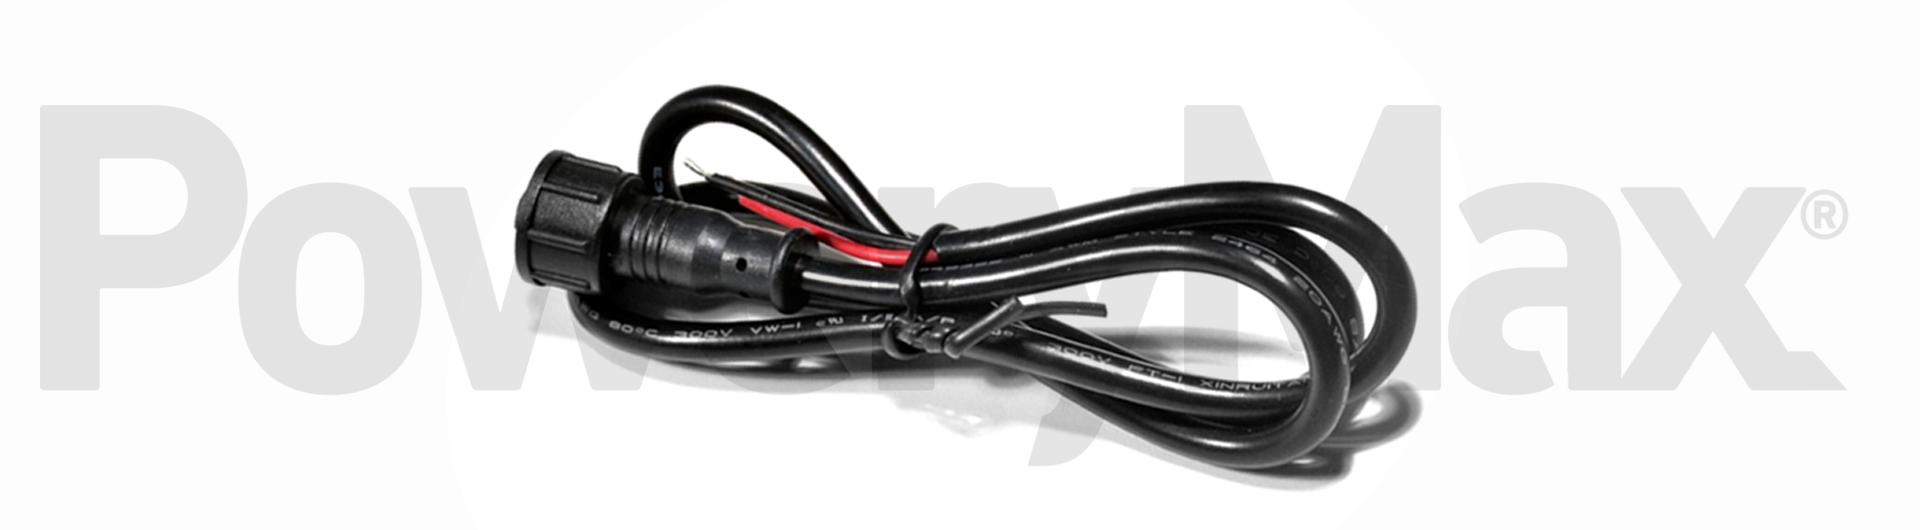 Cable conexión Hembra PoweryMax